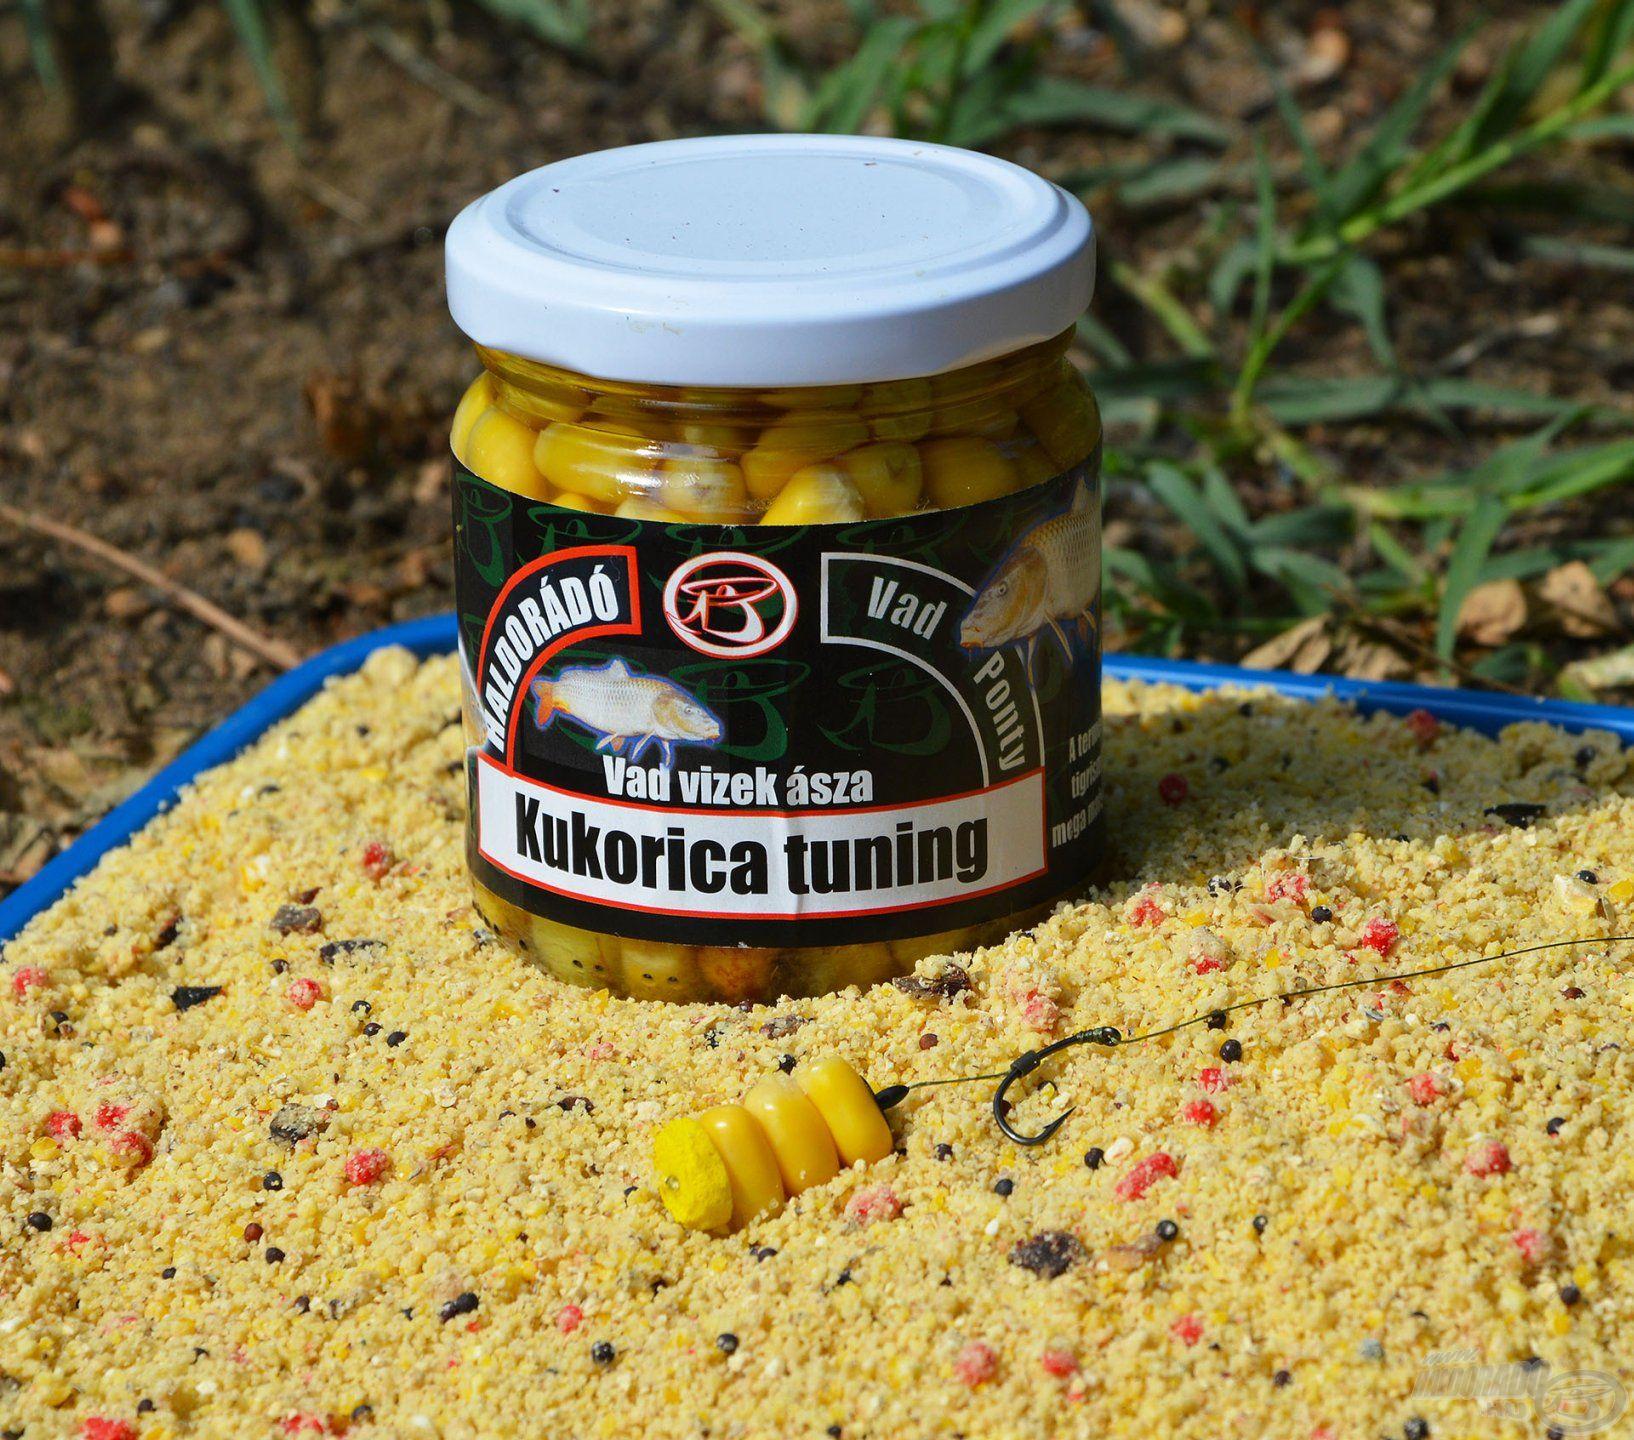 A Vad Ponty Kukorica Tuning ez egyik legegyszerűbb és legfogósabb pontyos csali, ami sok éve elmaradhatatlan részét képezi a csalis táskámnak, bárhova megyek horgászni!